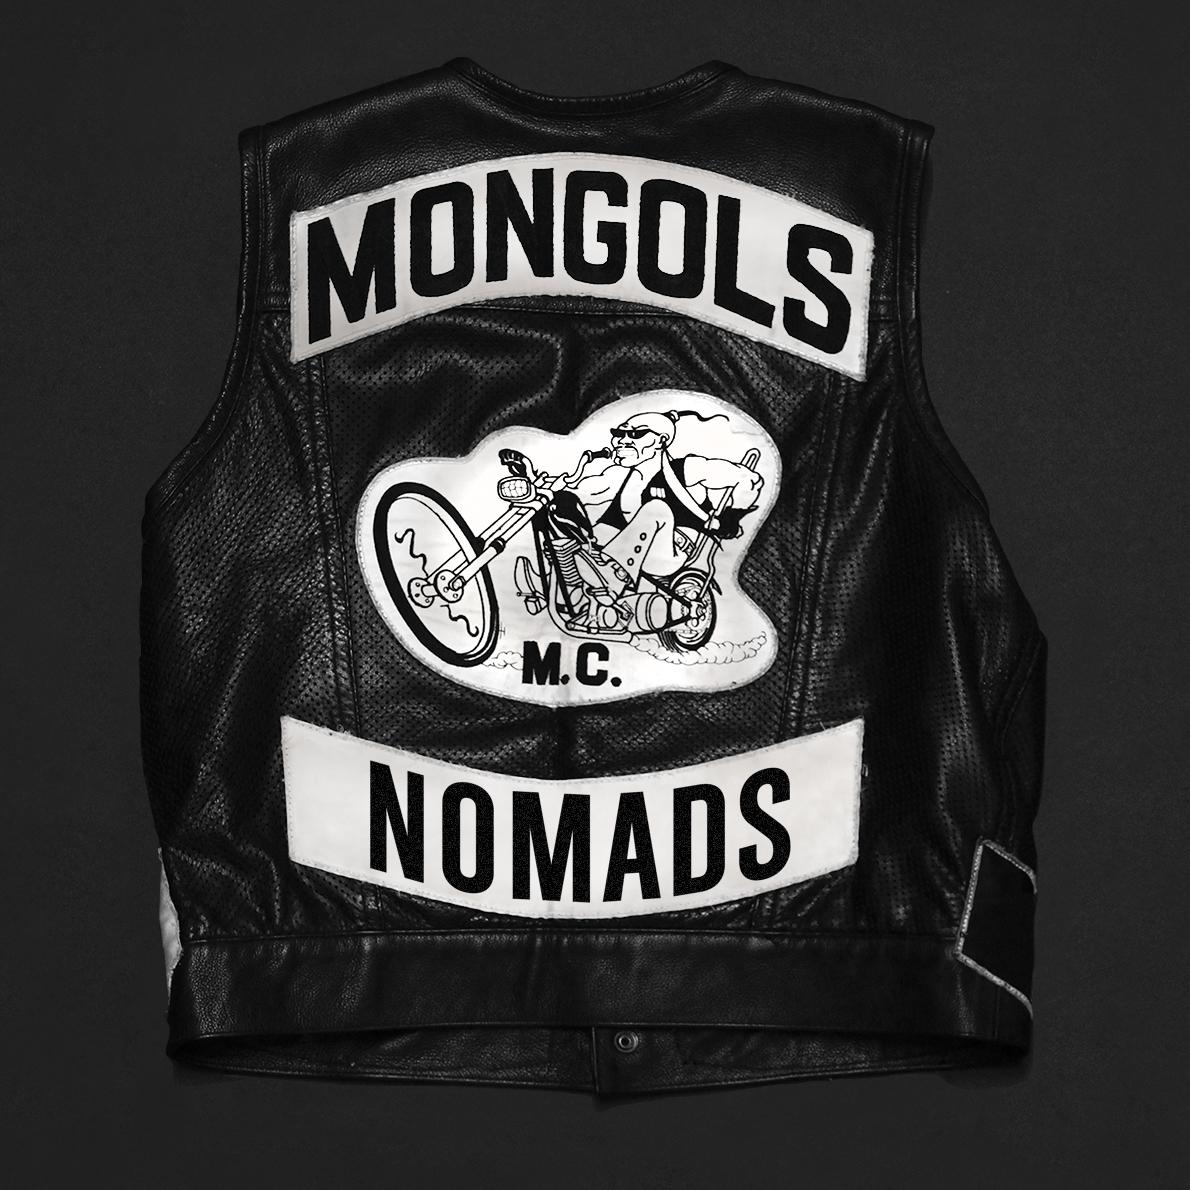 NOMADS -